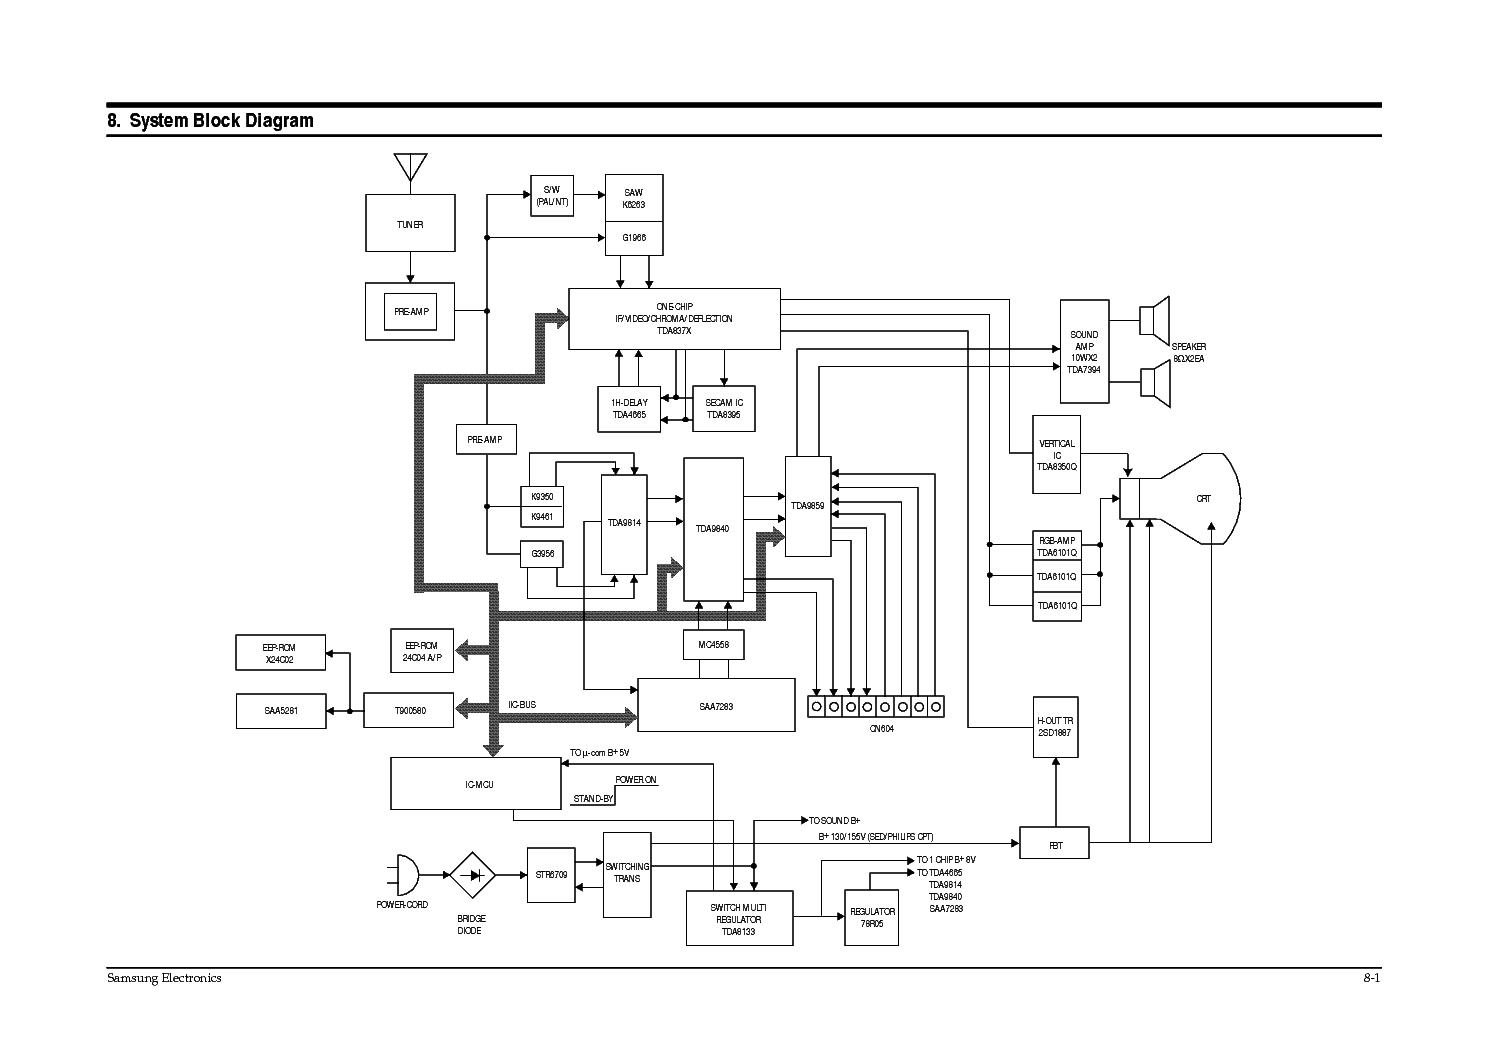 samsung cb3335z 5035z ch p69sa power supply service manual